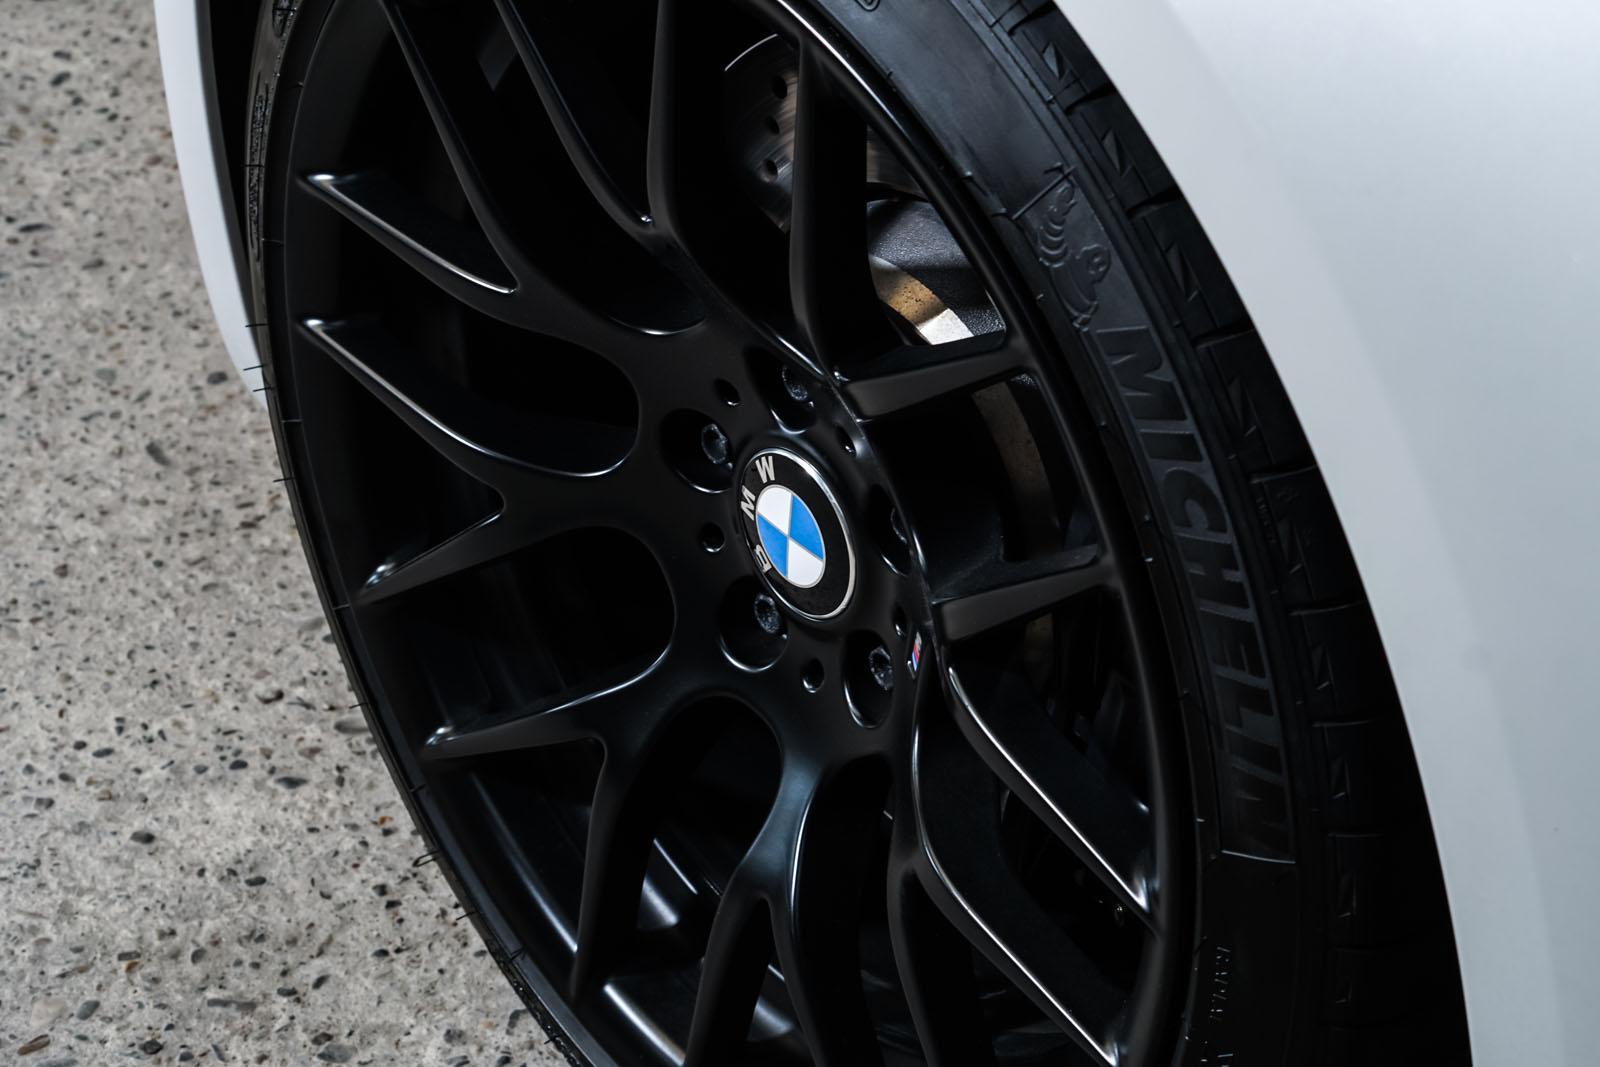 BMW_M3_Cabrio_Weiß_Schwarz_BMW-5973_13_w